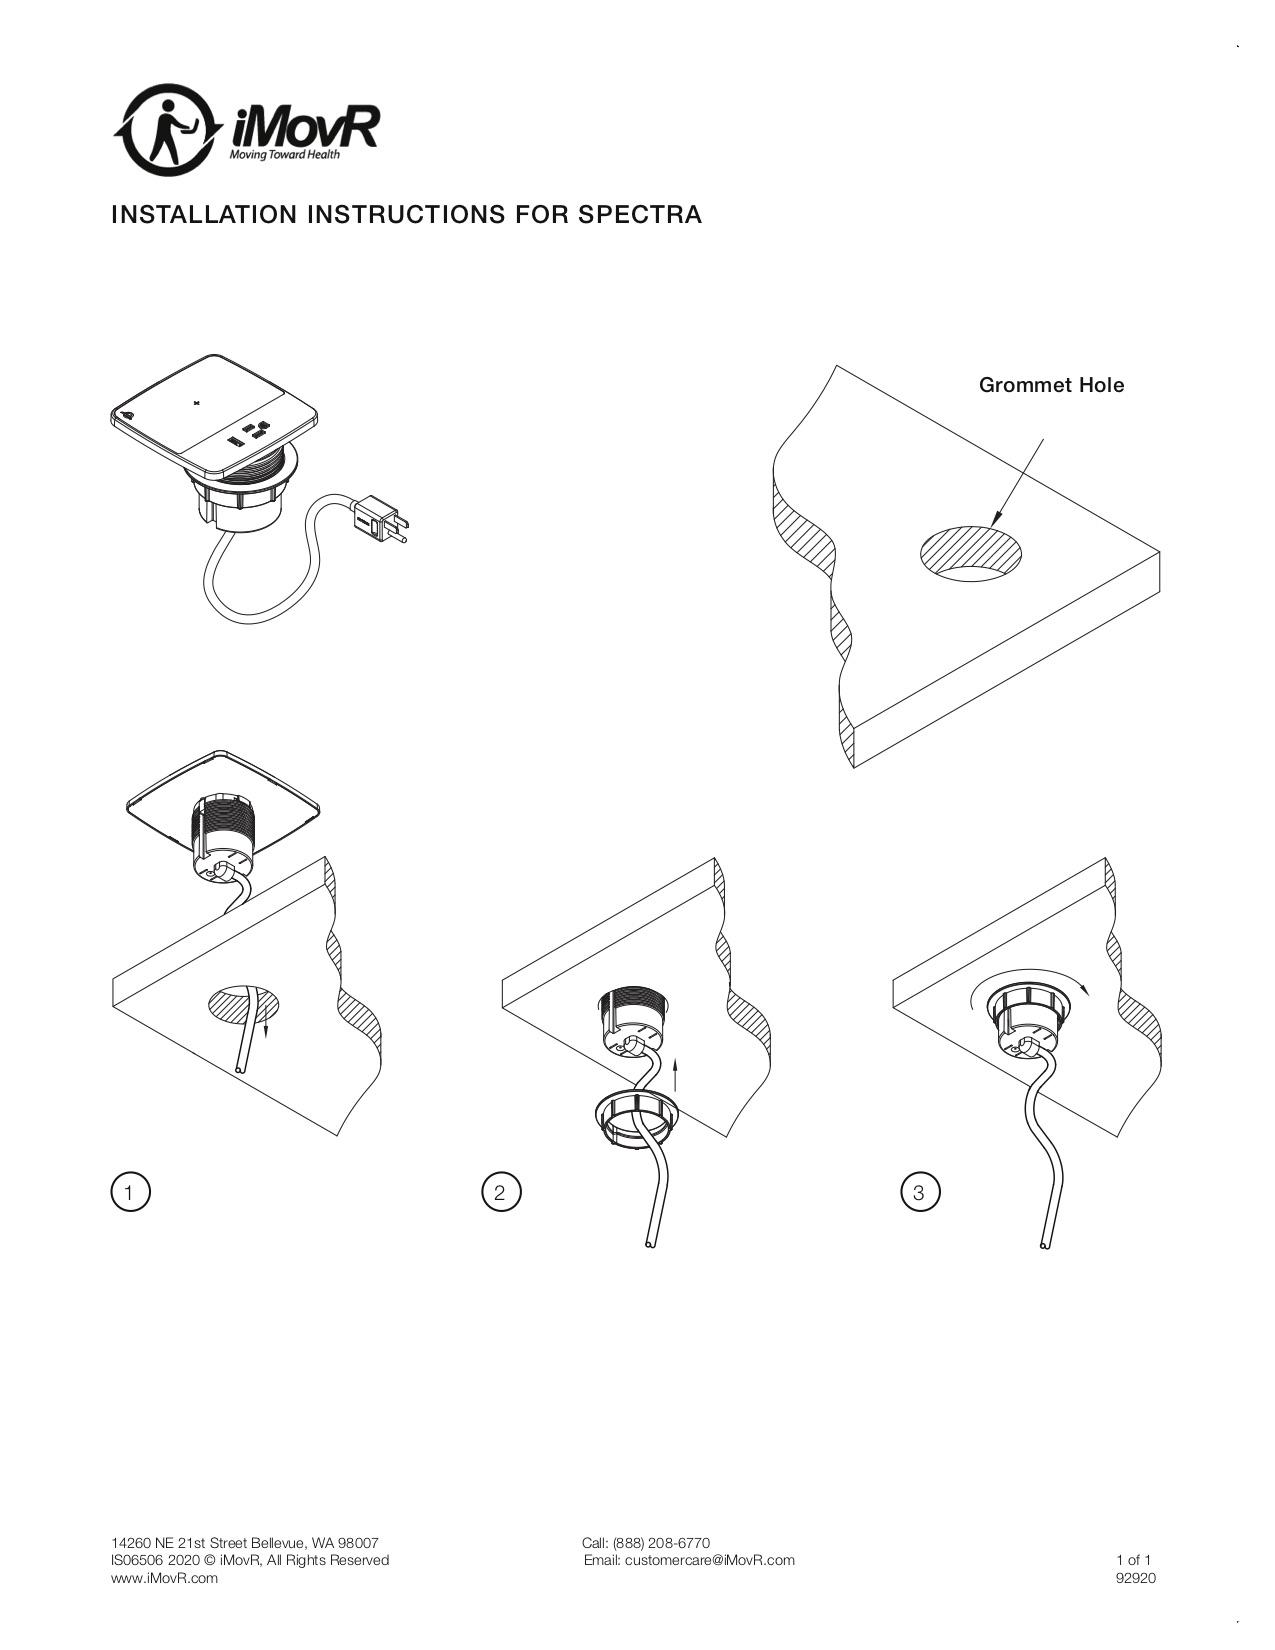 Spectra Instillation Instructions